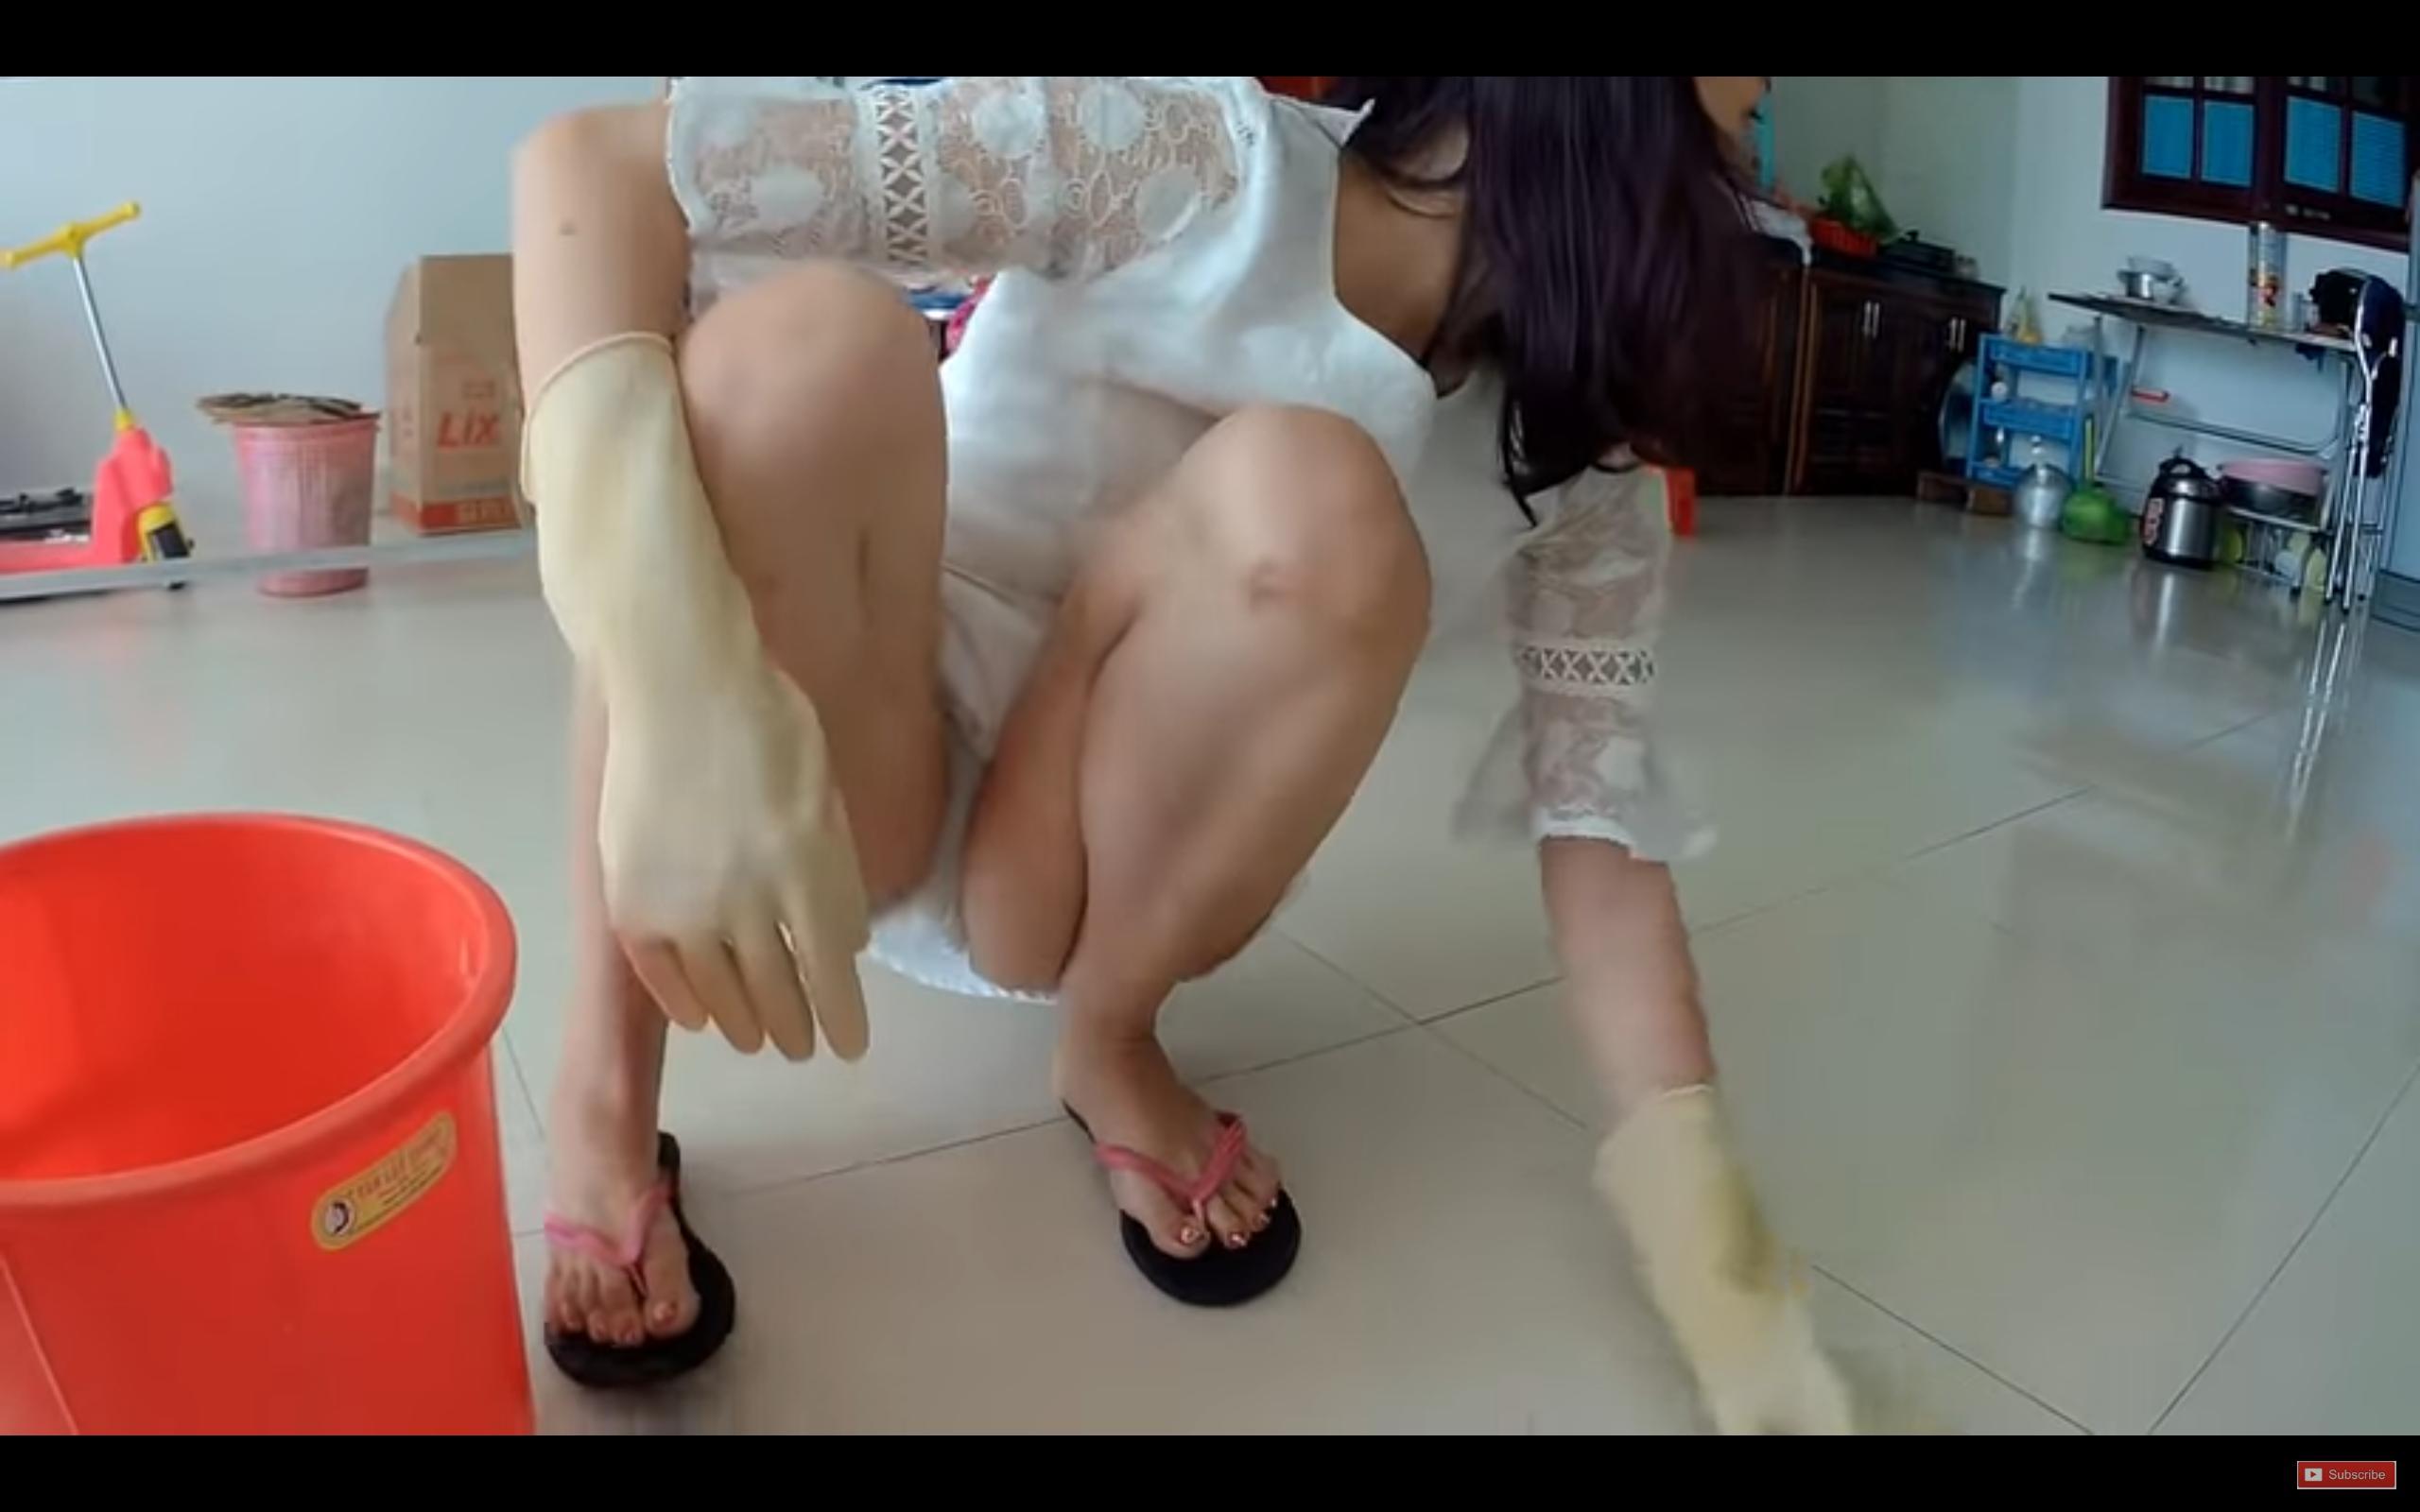 人妻が掃除中に無防備なパンチラ晒してるwwwwwwwwwwwwwwwwwww gL1NMv5